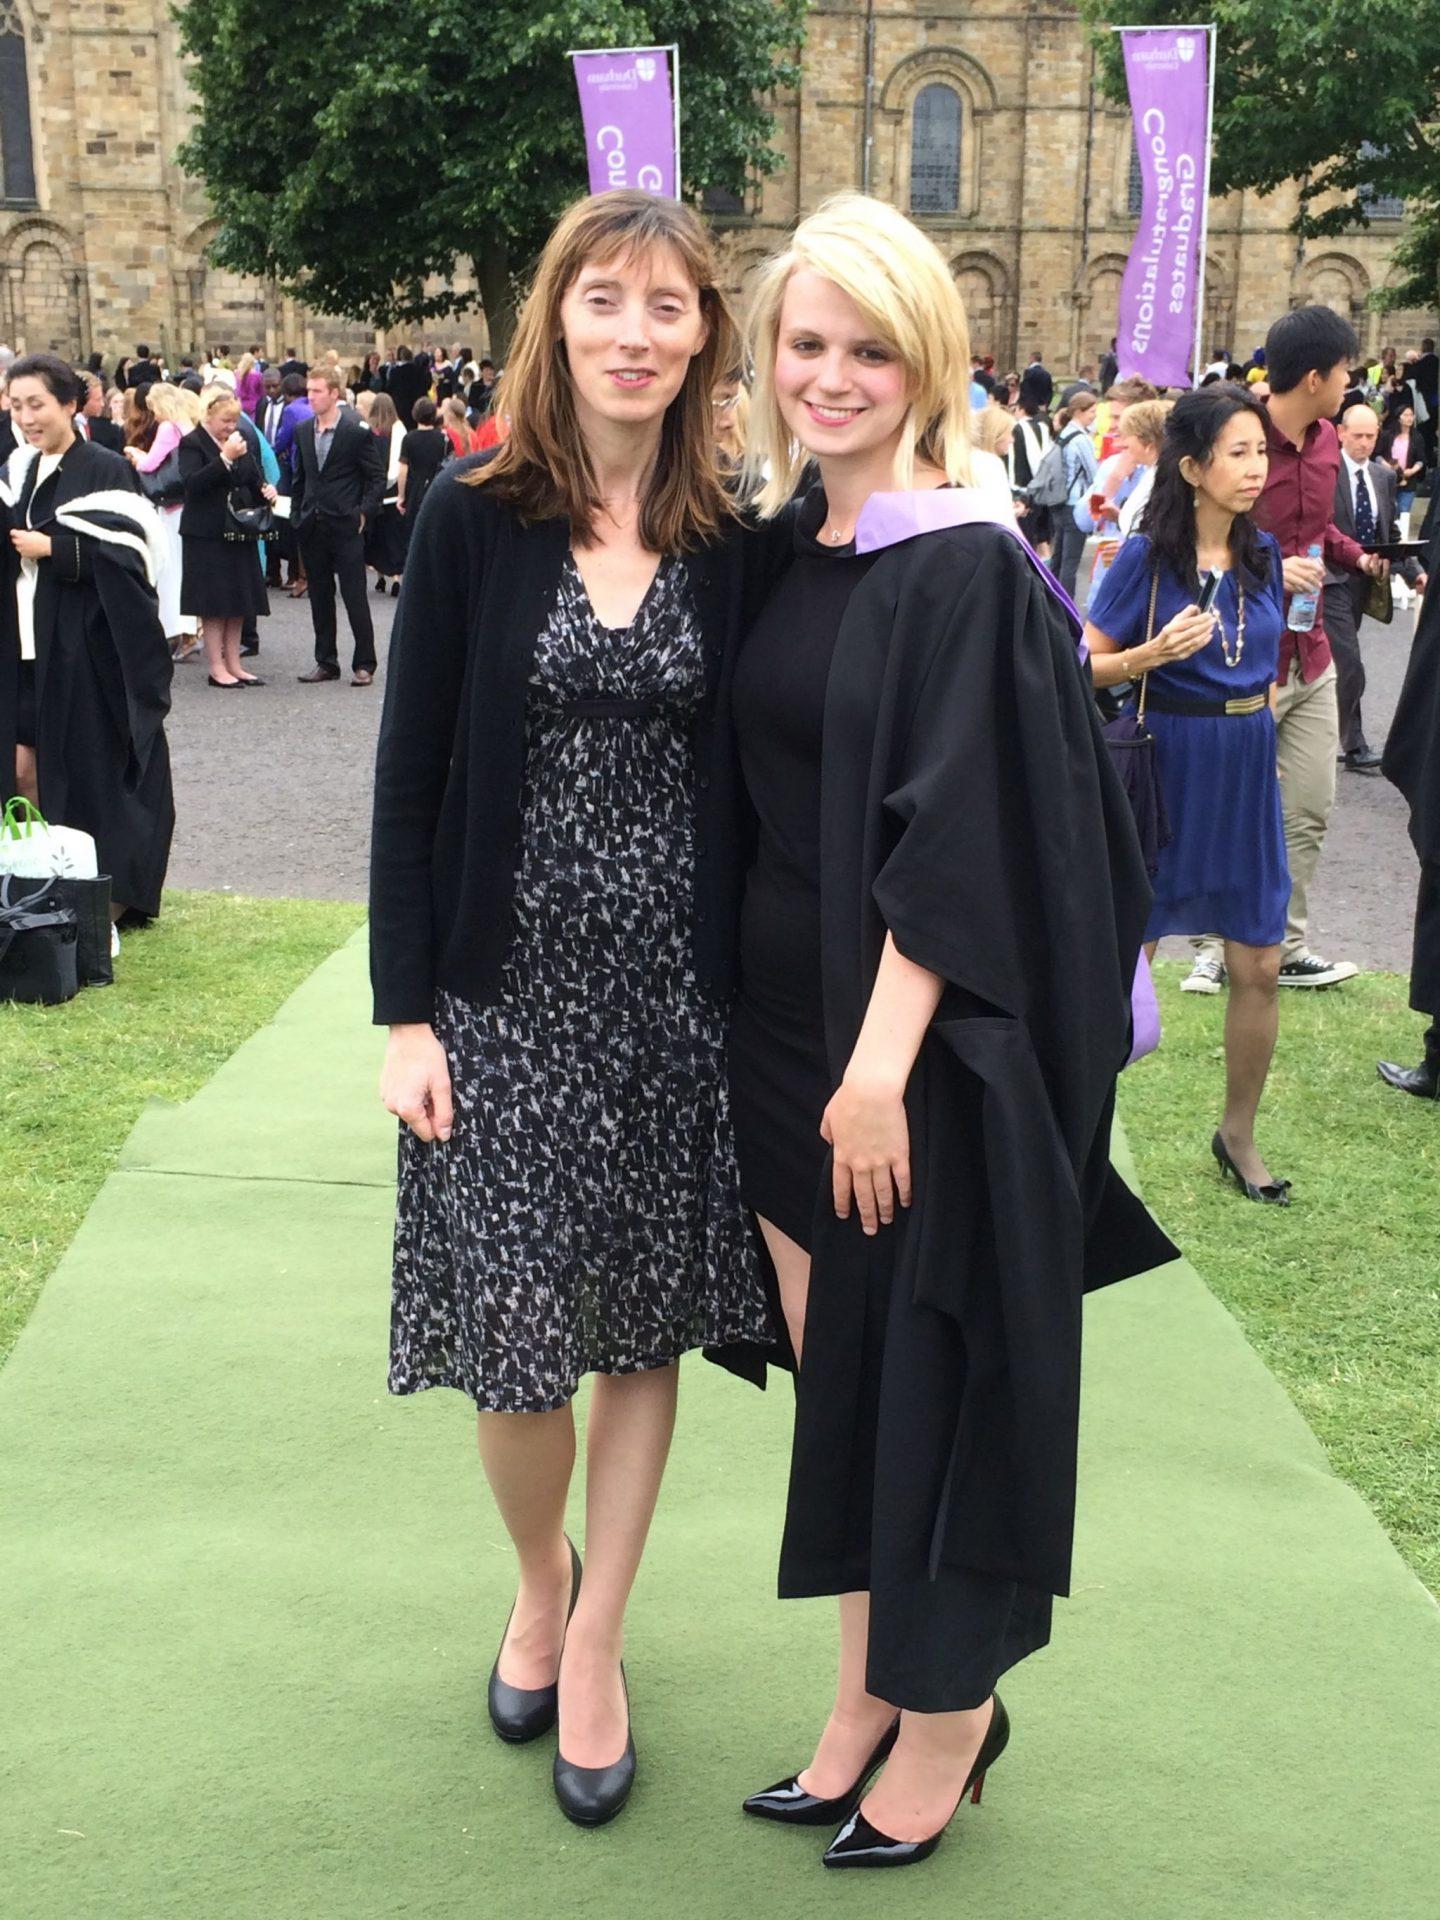 Laura with Mum